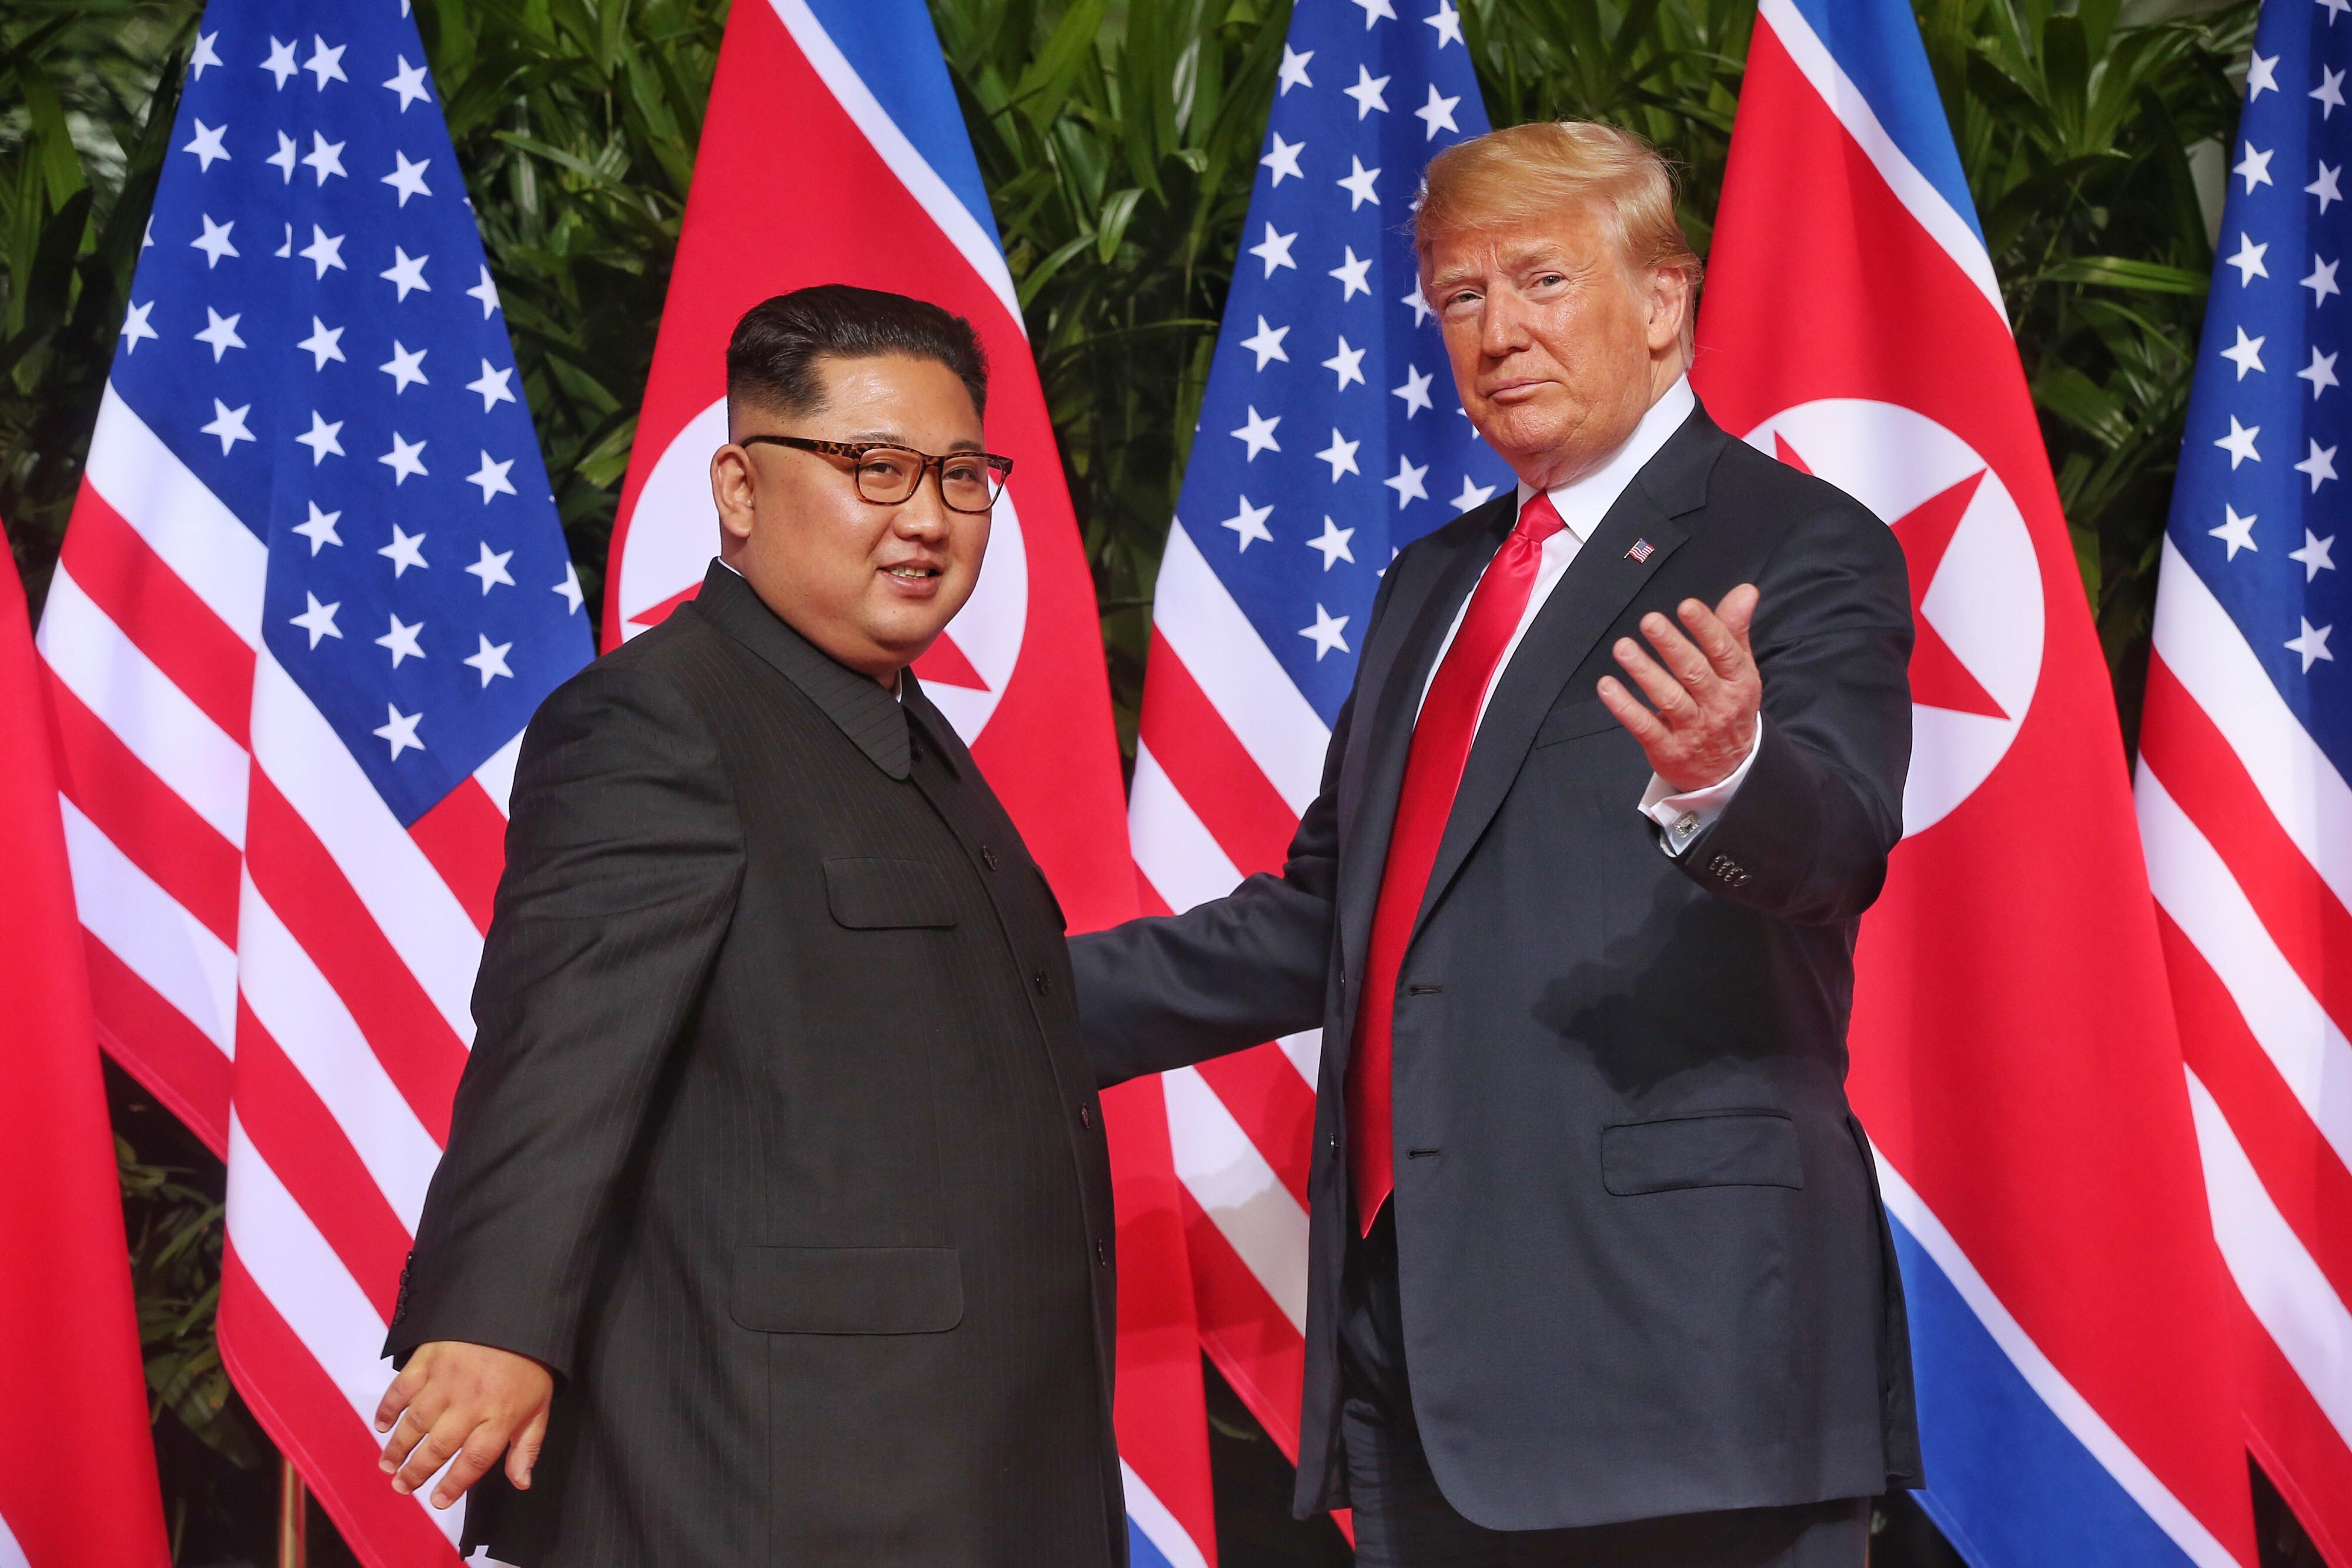 Ким Чен Ынможет приехать в РФ доконца 2018-ого года - Матвиенко